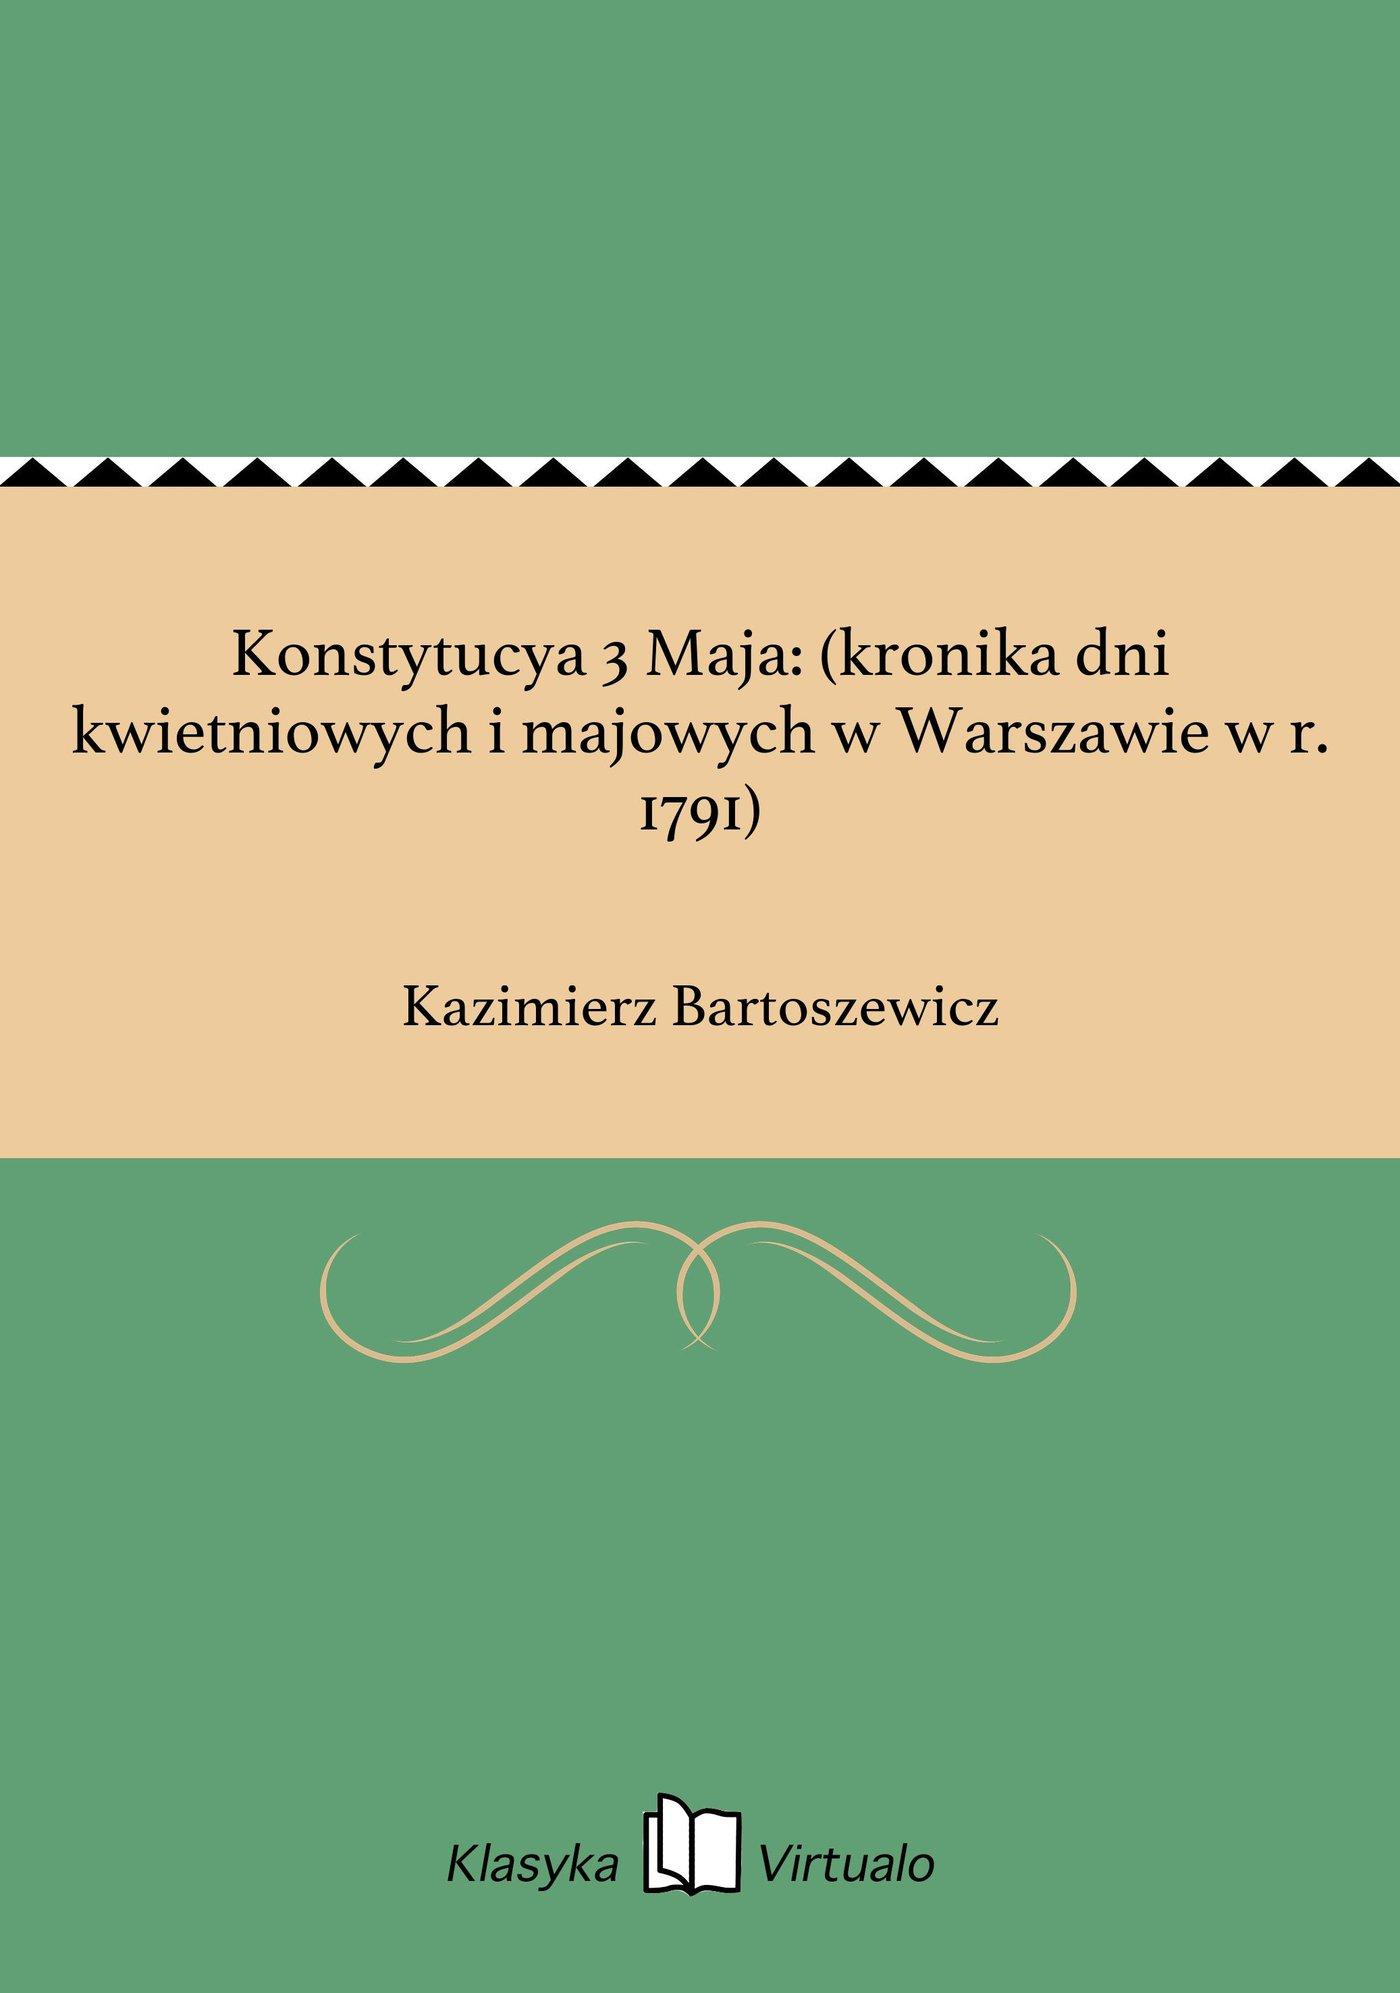 Konstytucya 3 Maja: (kronika dni kwietniowych i majowych w Warszawie w r. 1791) - Ebook (Książka na Kindle) do pobrania w formacie MOBI